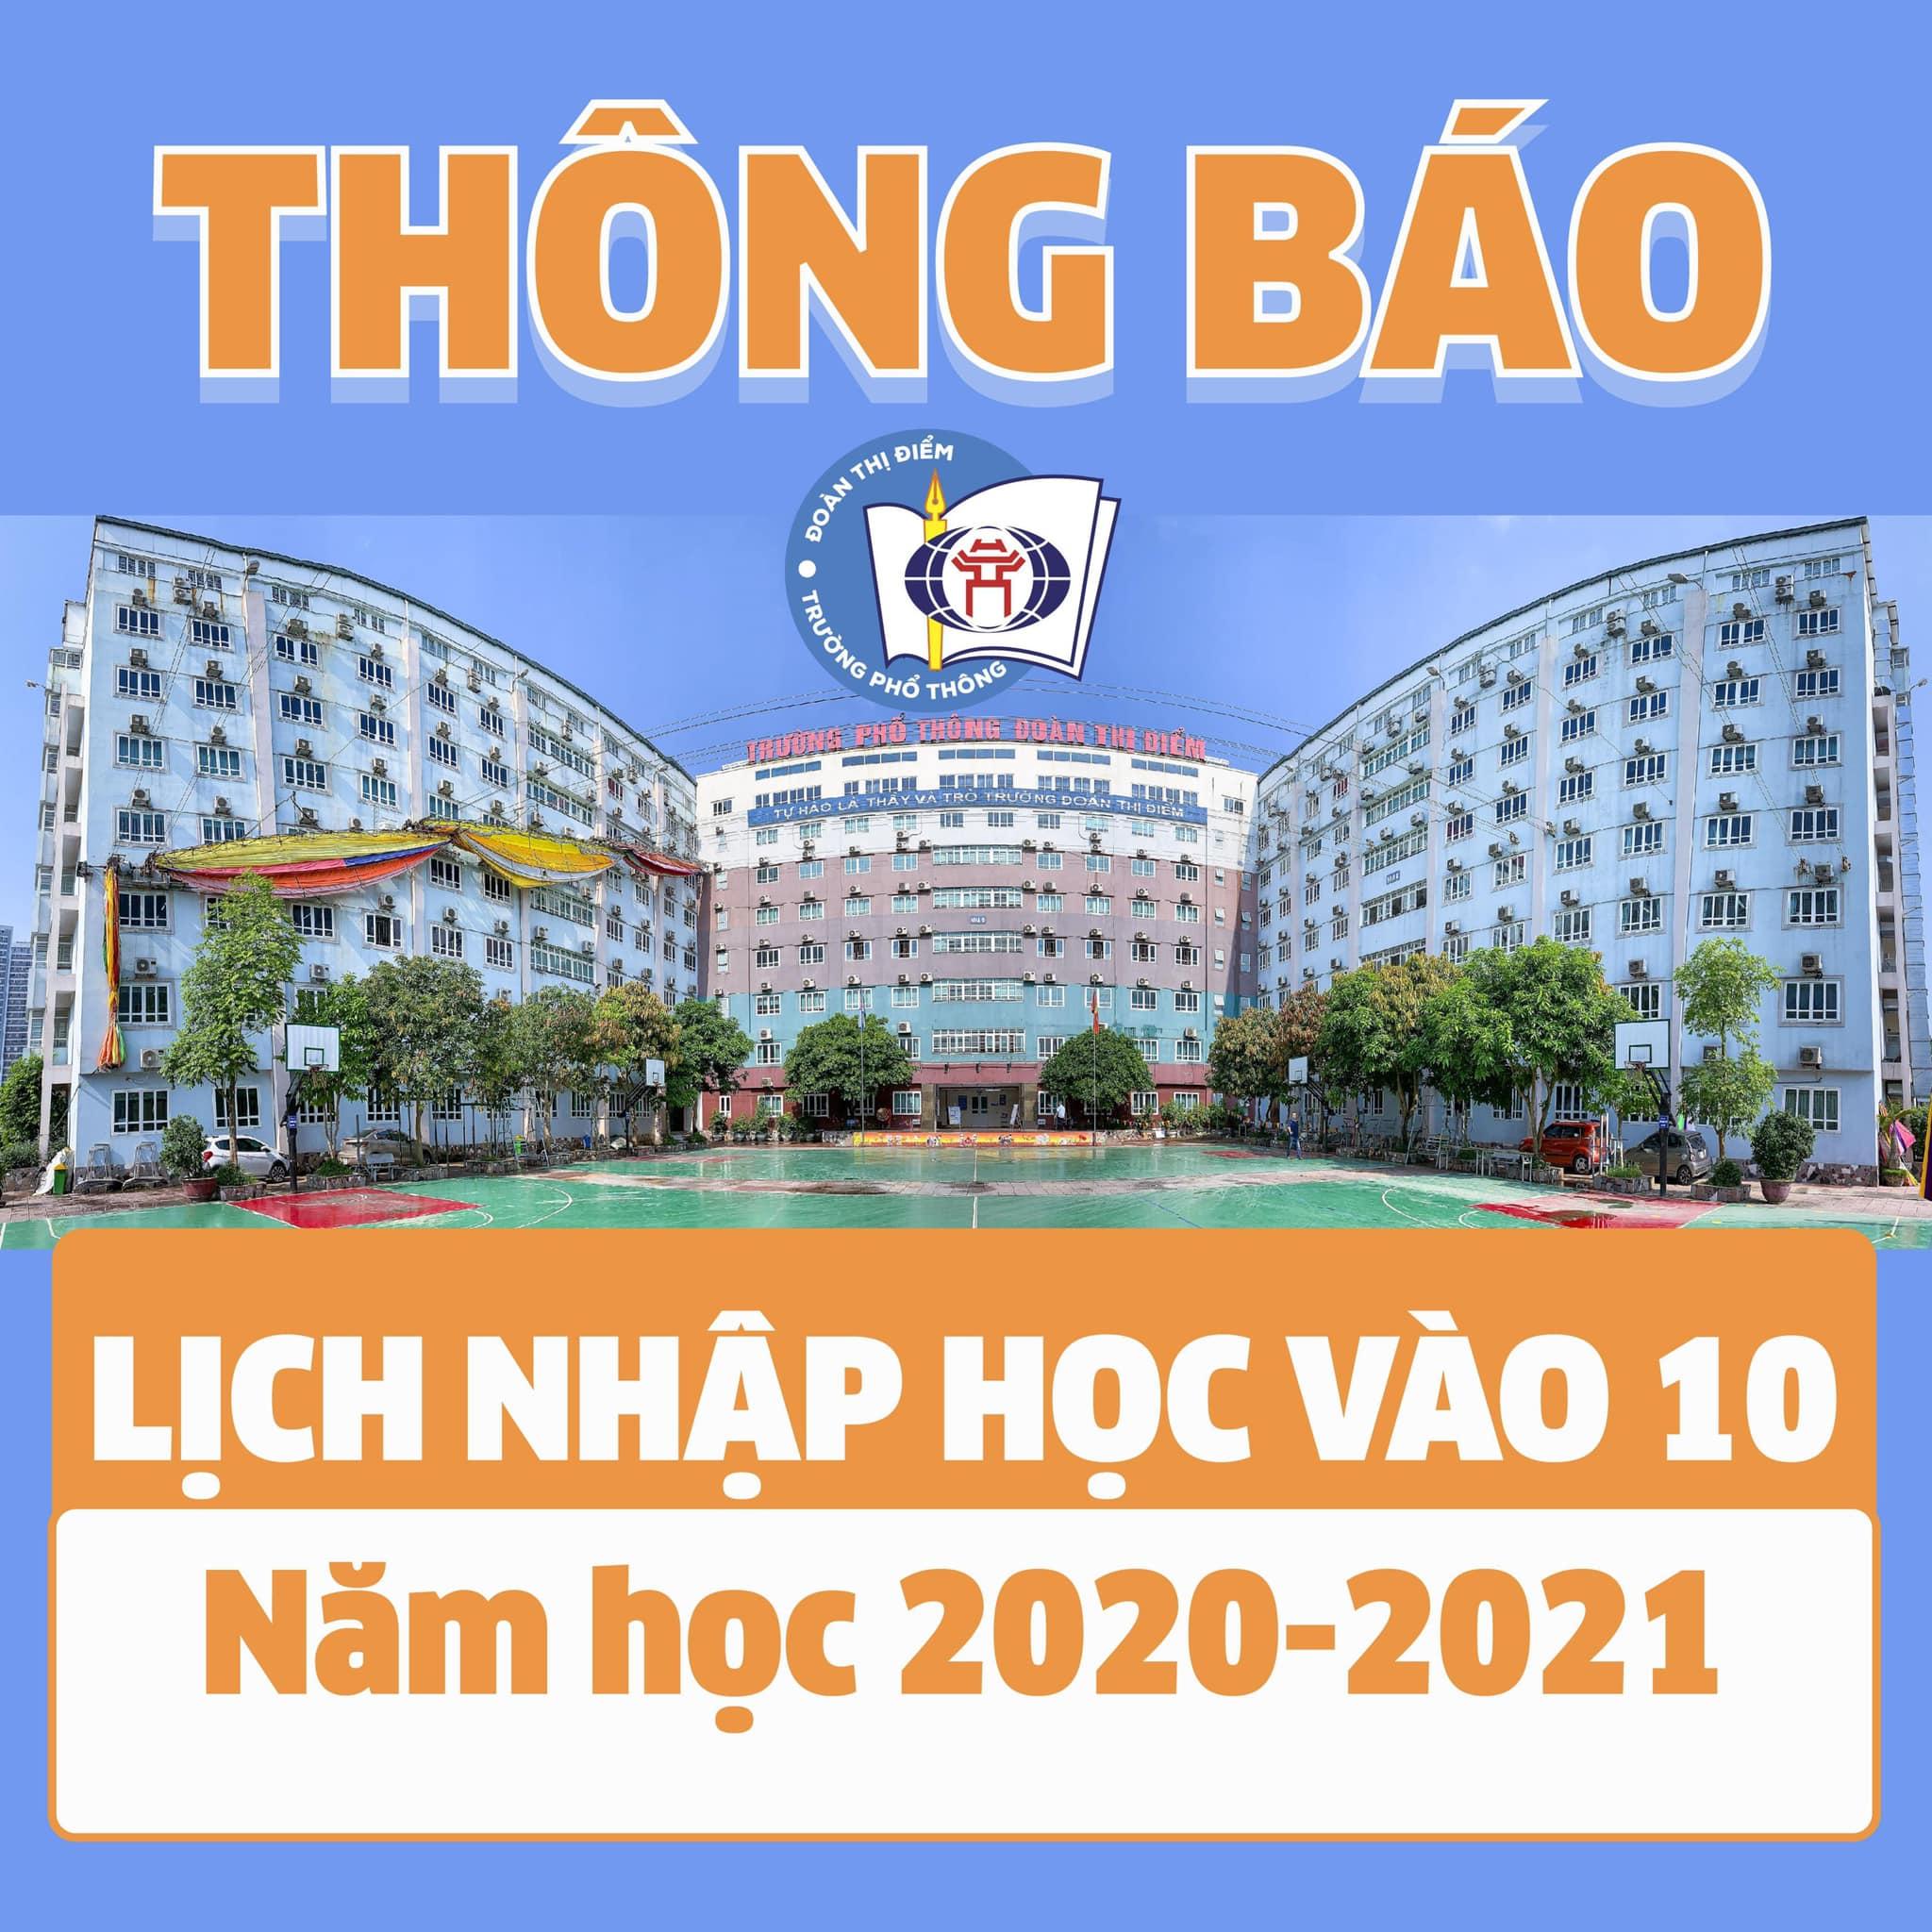 THÔNG BÁO LỊCH NHẬP HỌC VÀO 10 NĂM HỌC 2020-2021 TẠI TRƯỜNG THPT ĐOÀN THỊ ĐIỂM